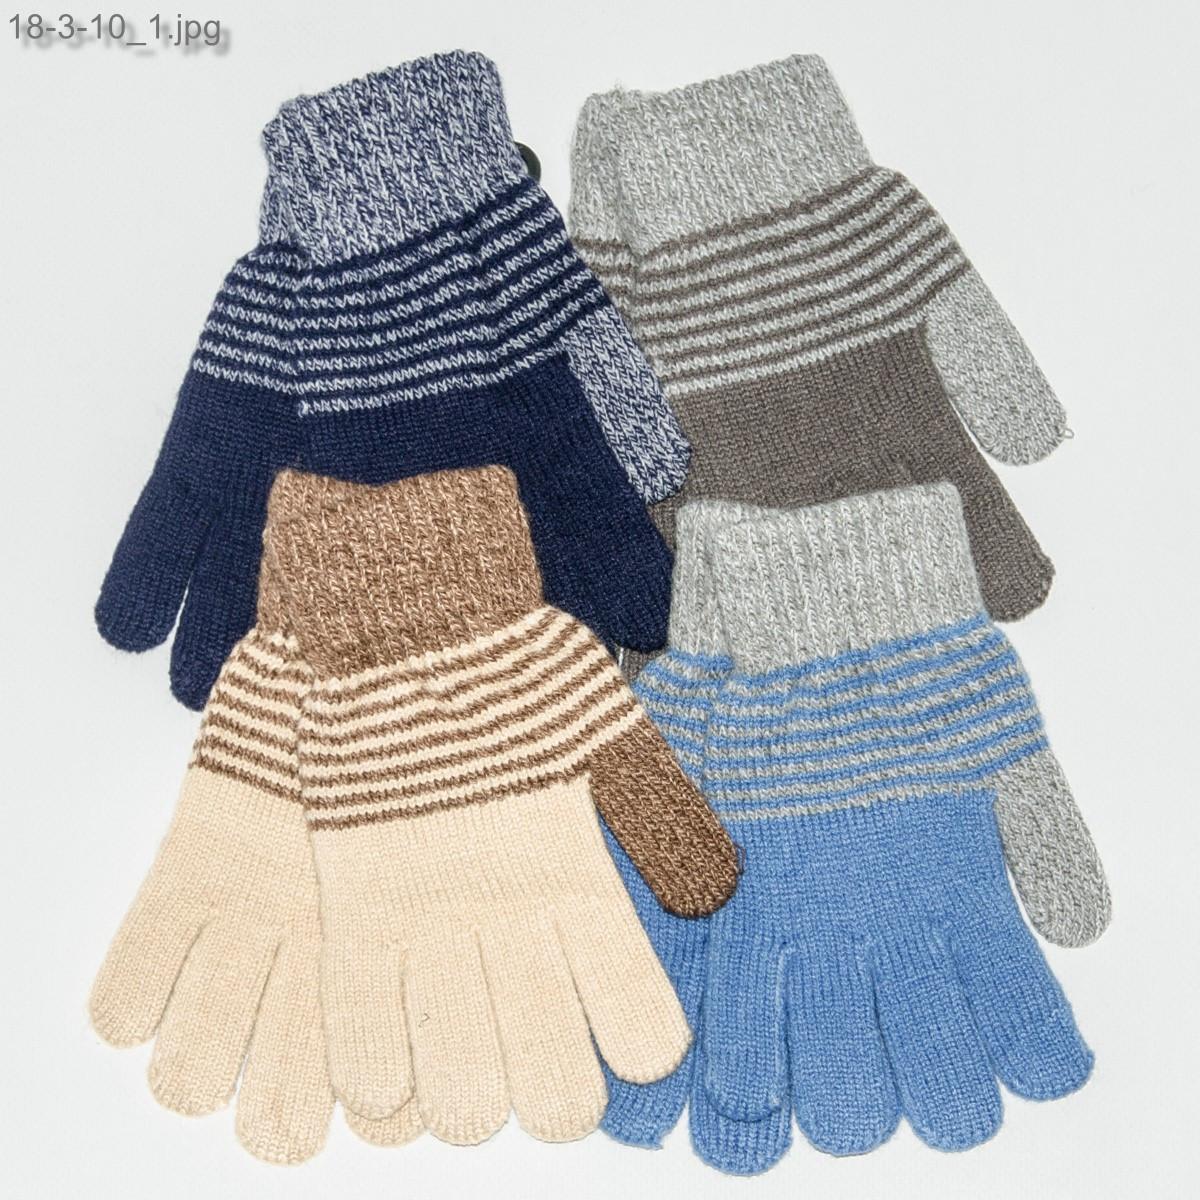 Детские перчатки на мальчика 5-8 года - №18-3-10